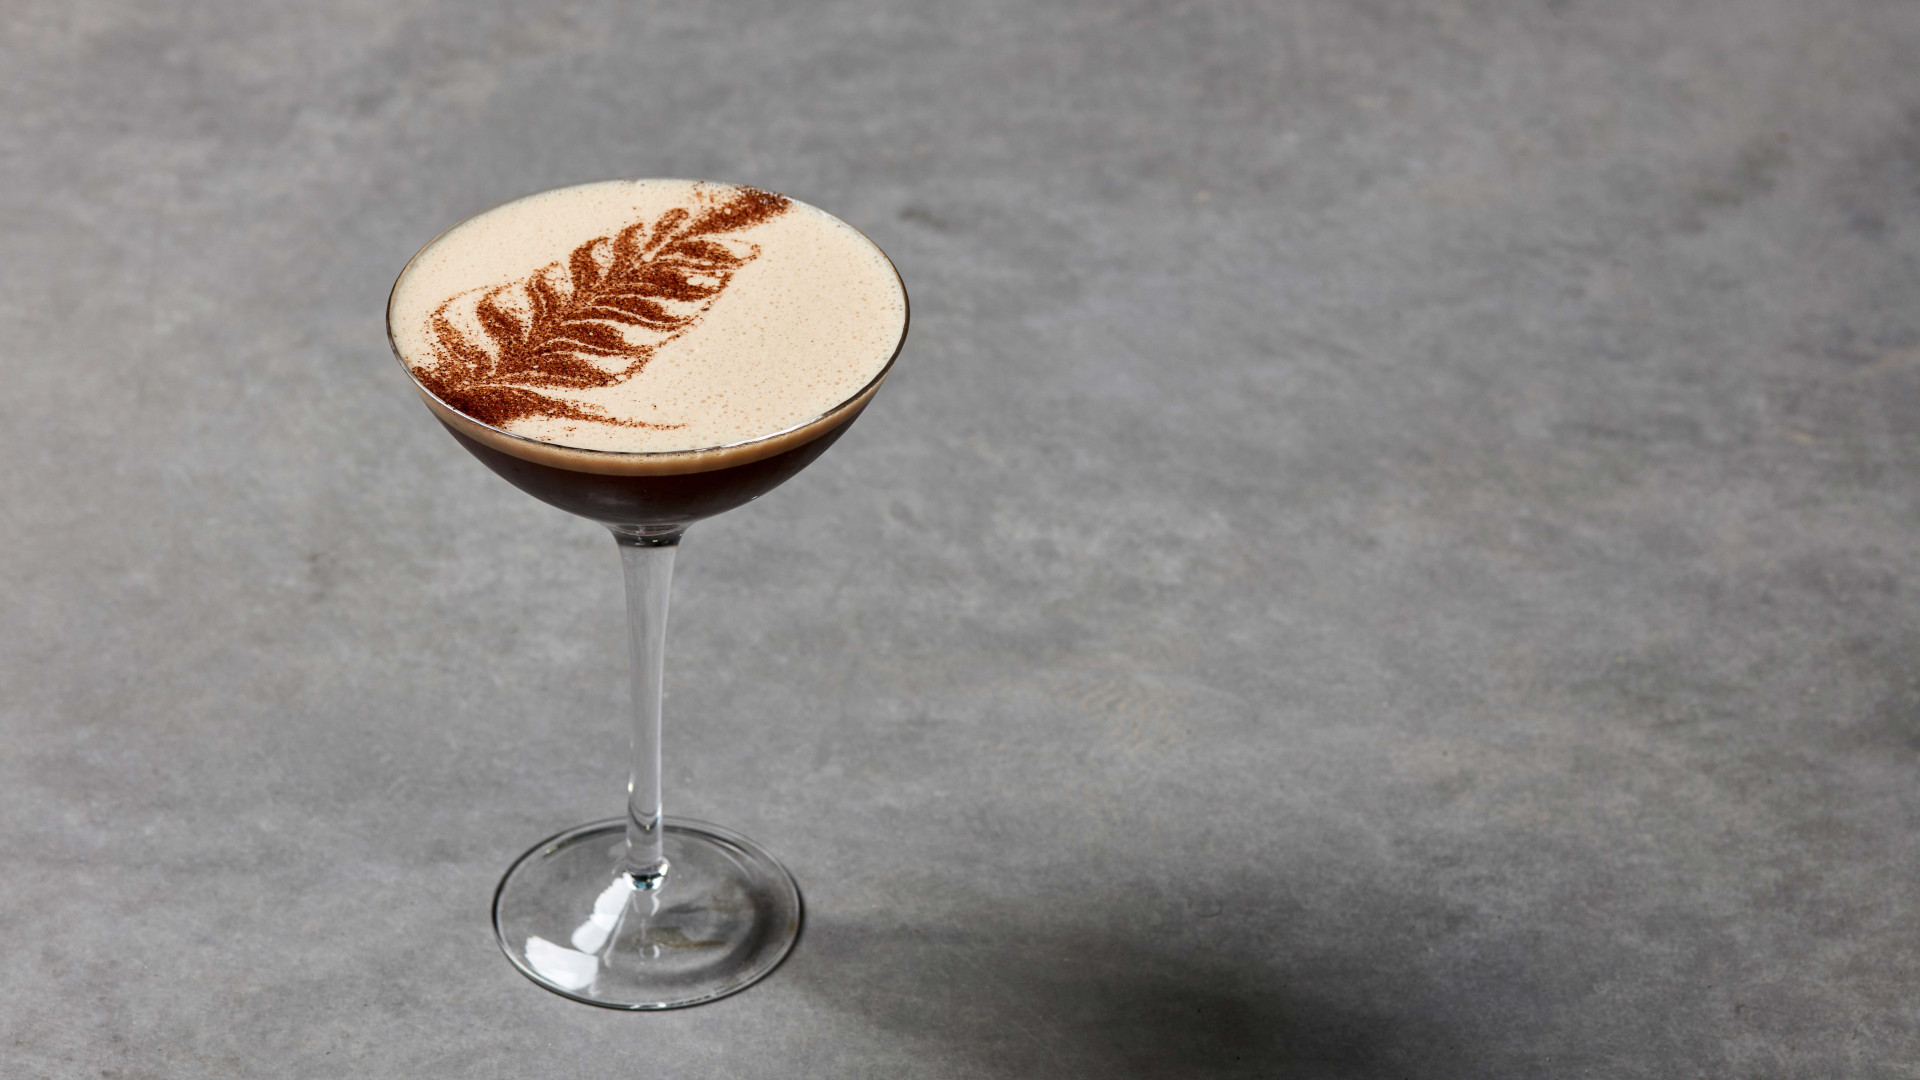 Espresso Martini at Lino, Clerkenwell